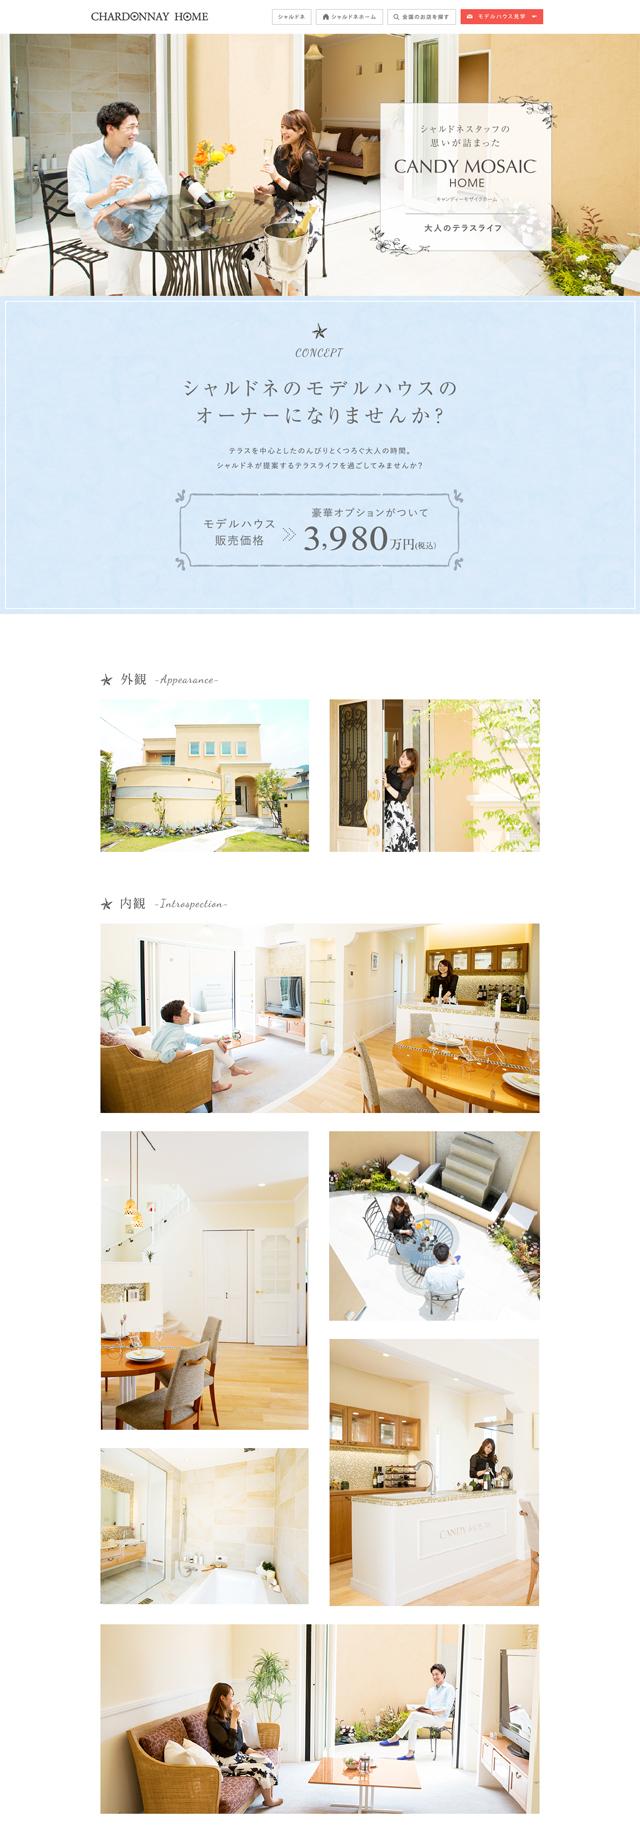 岐阜の自然派住宅「シャルドネ」様のモデルハウス分譲特設ページ